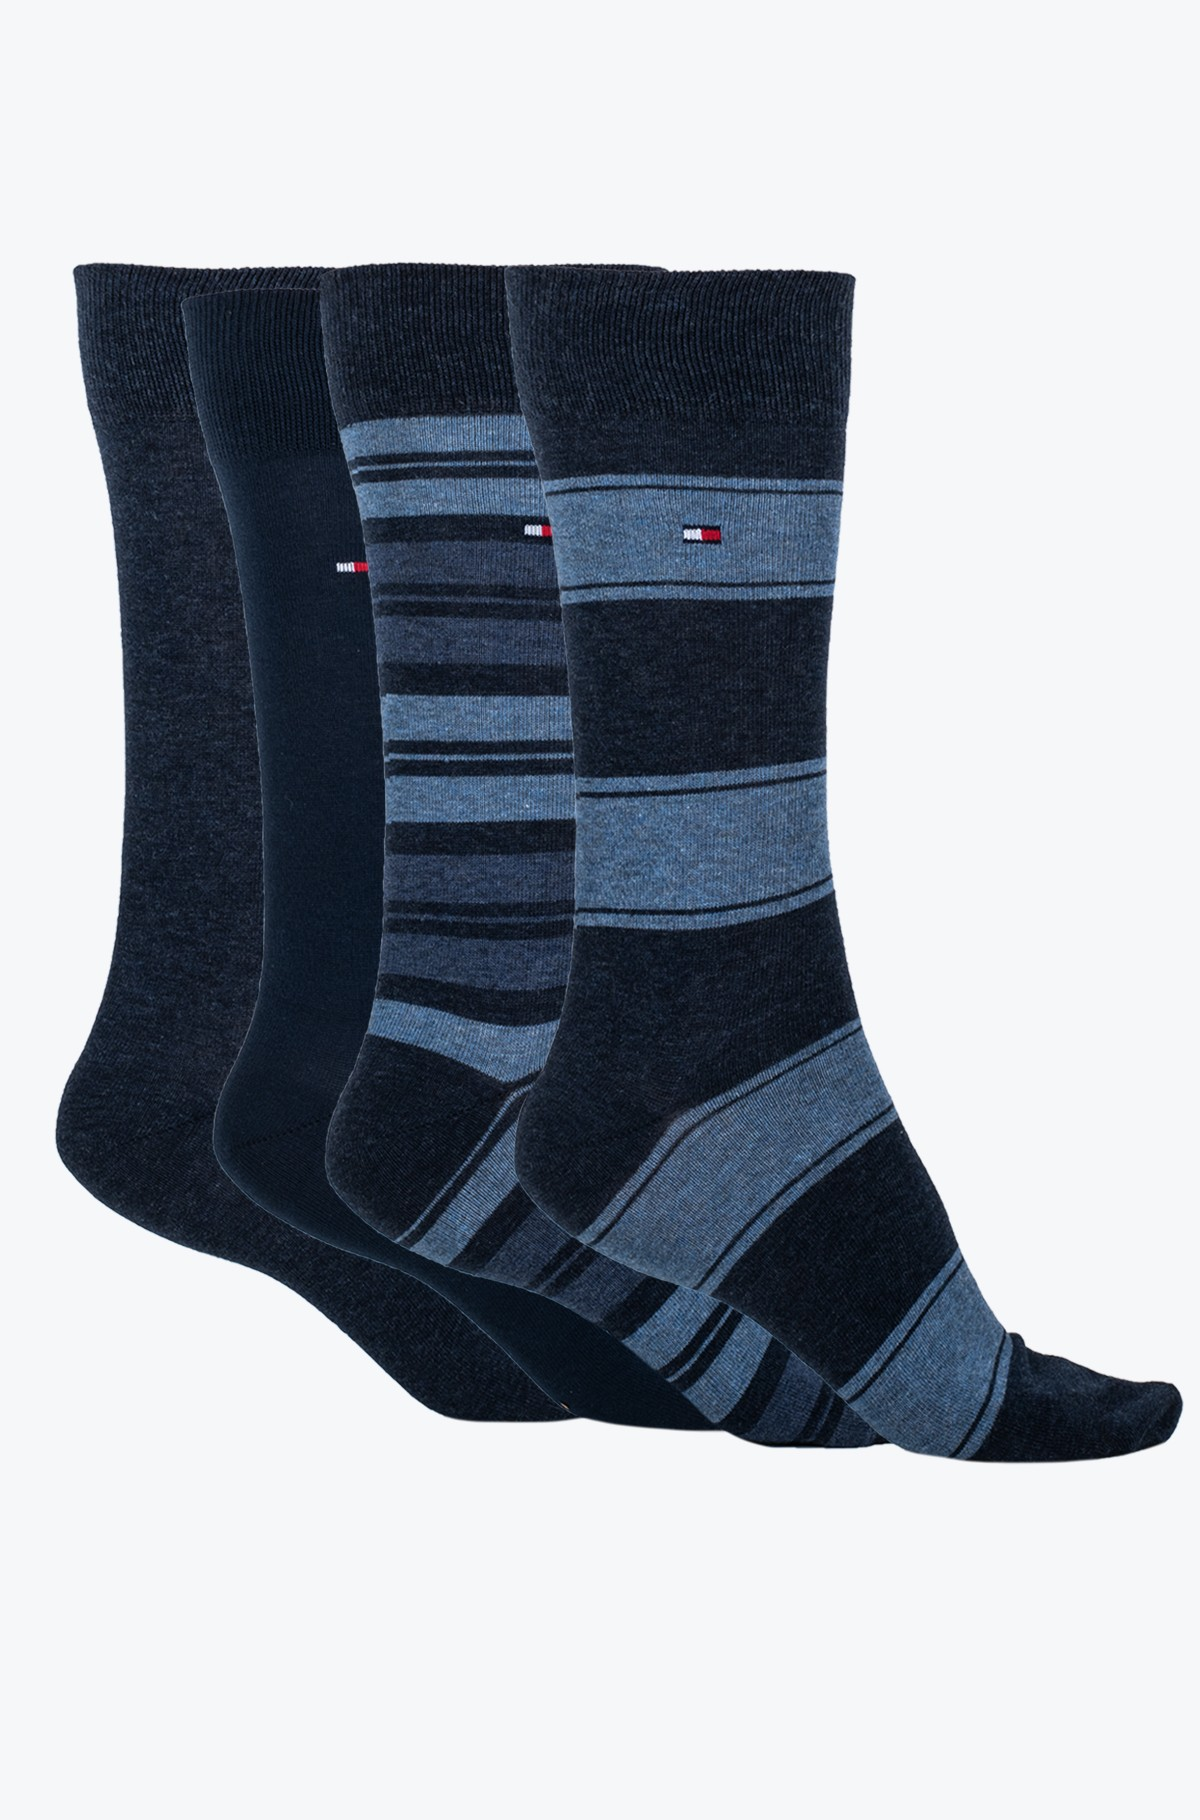 Socks in gift box 100000845-full-1